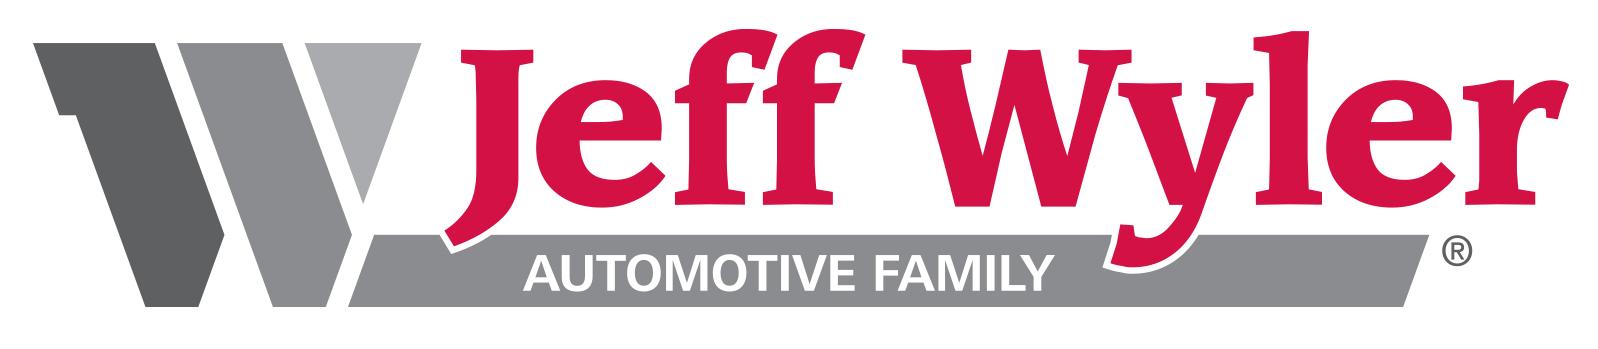 Jeff Wyler Automotive Family logo